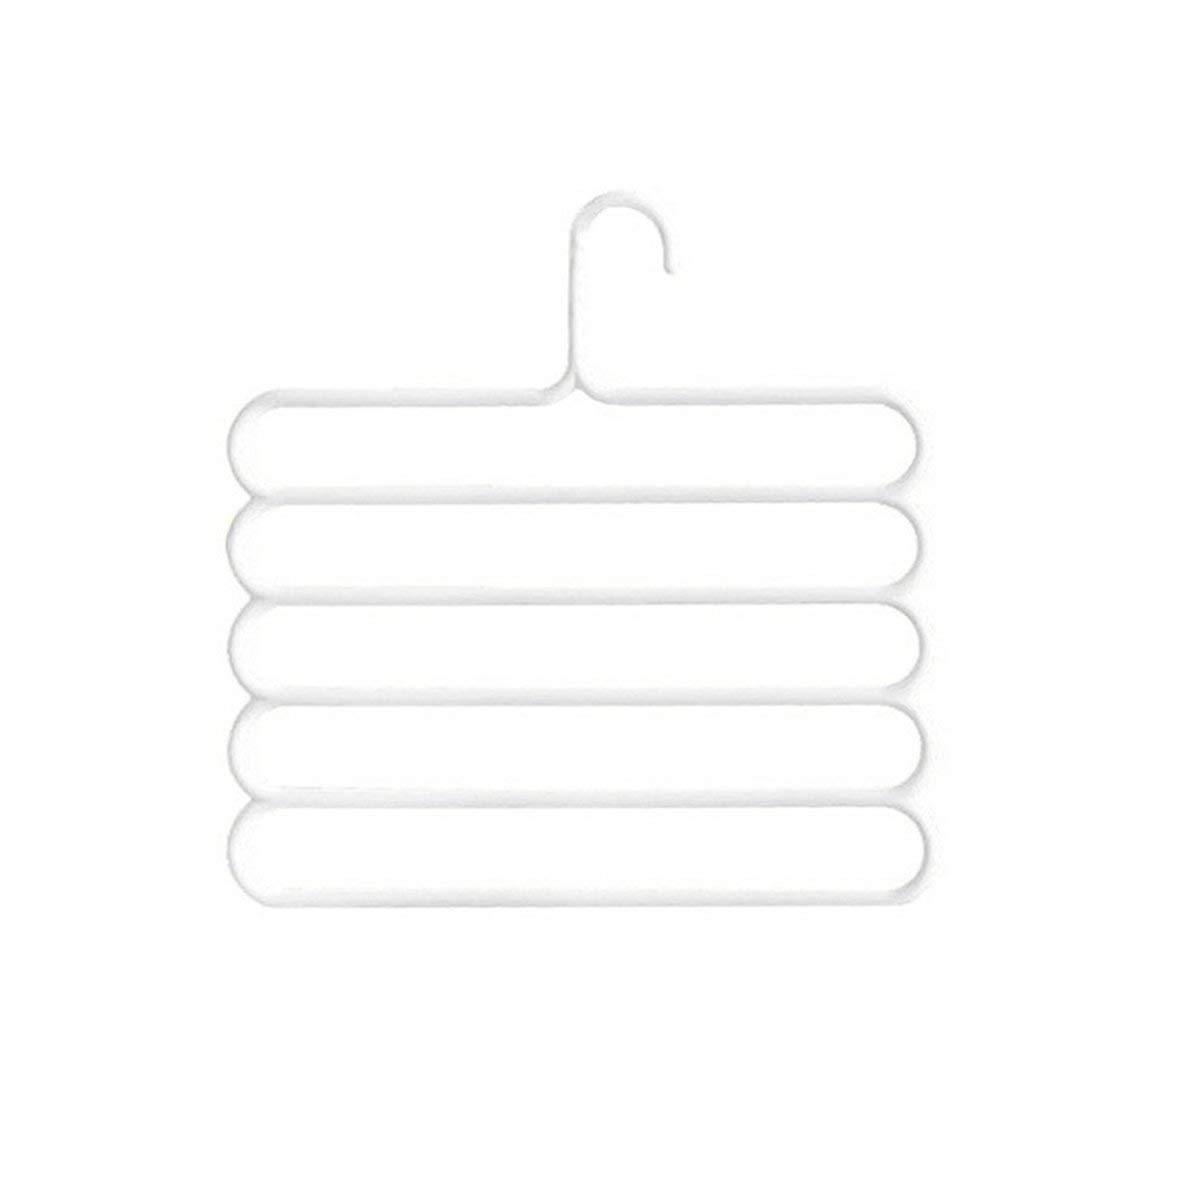 Almacenamiento Y Organizacion Gugutogo Pantalones Antideslizantes Magicos De Multiples Capas Percha Pantalones Multifuncion Armario Cinturon Soporte Para Bastidor Tipo S 5 Capas Ahorro De Espacio Hogar Y Cocina Lekabobgrill Com